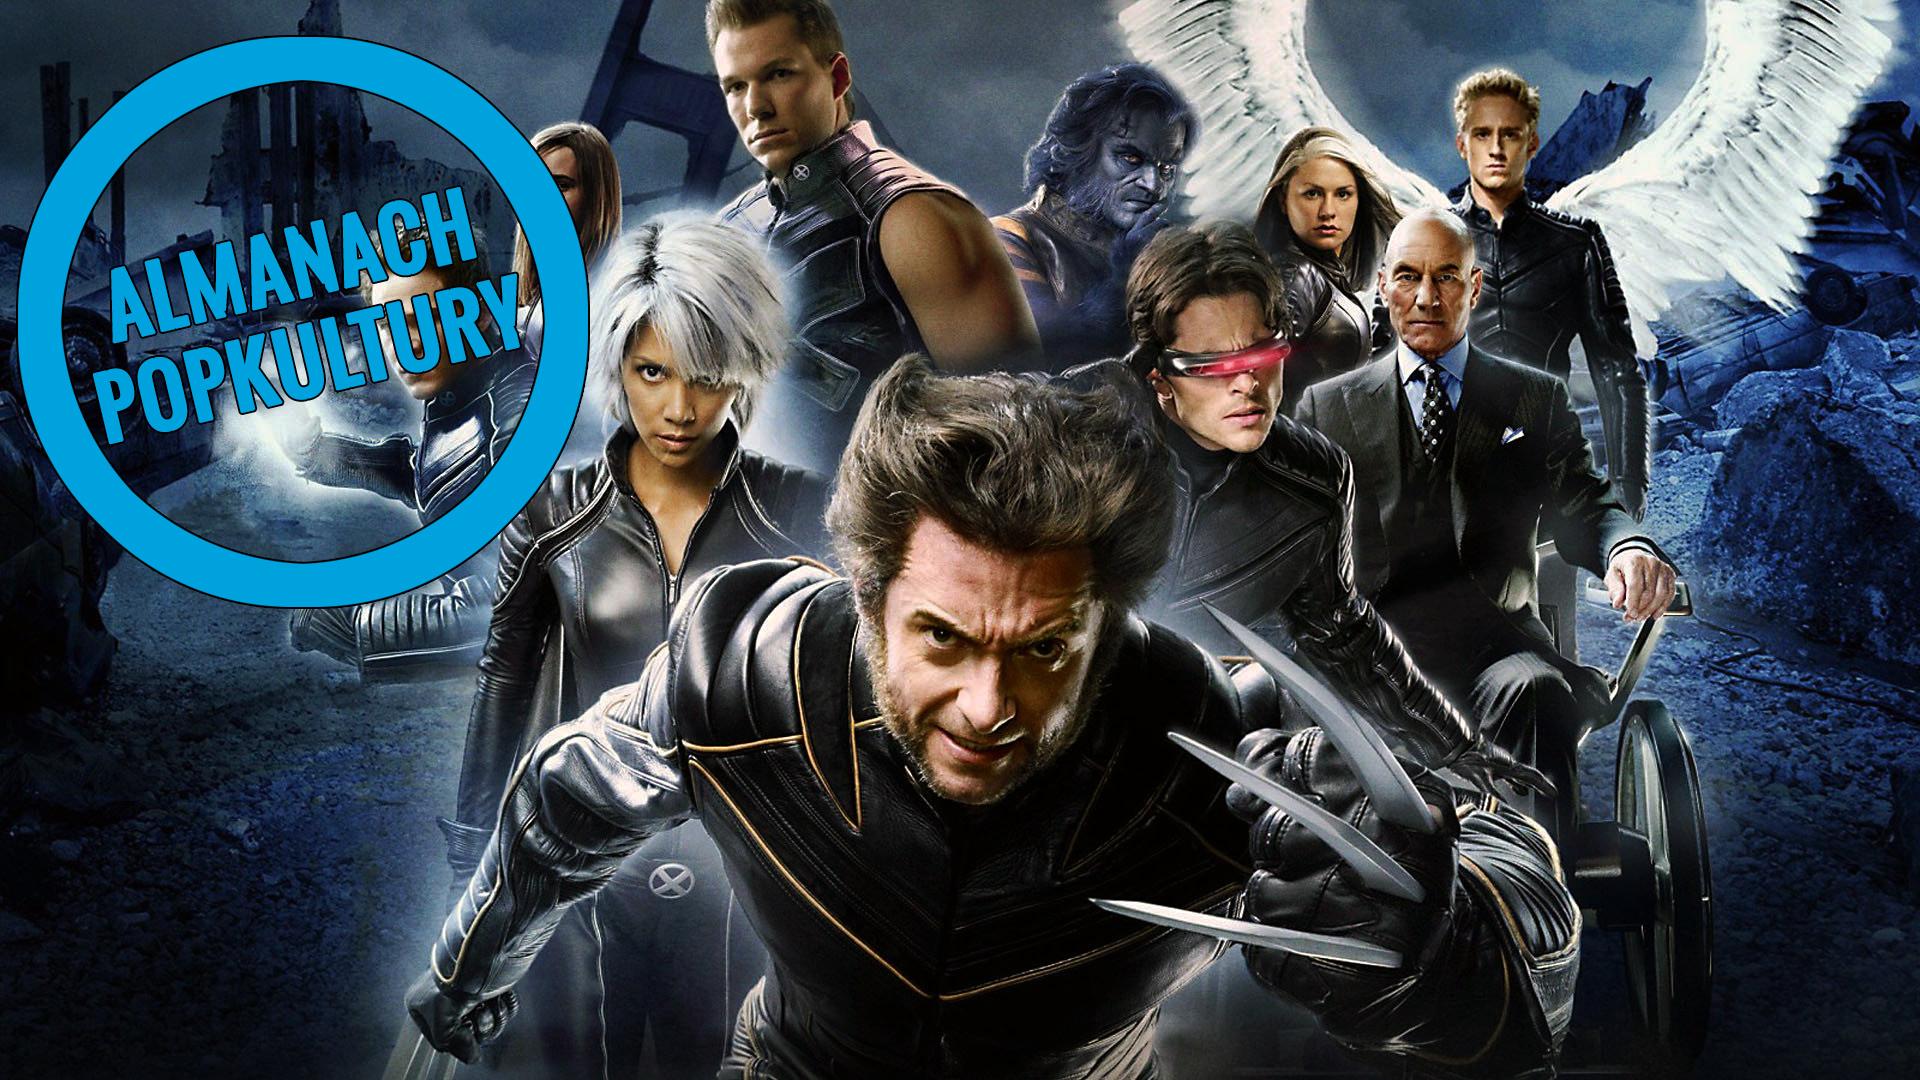 Almanach Popkultury: czego nie wiecie o filmie X-Men: Ostatni bastion [WIDEO]